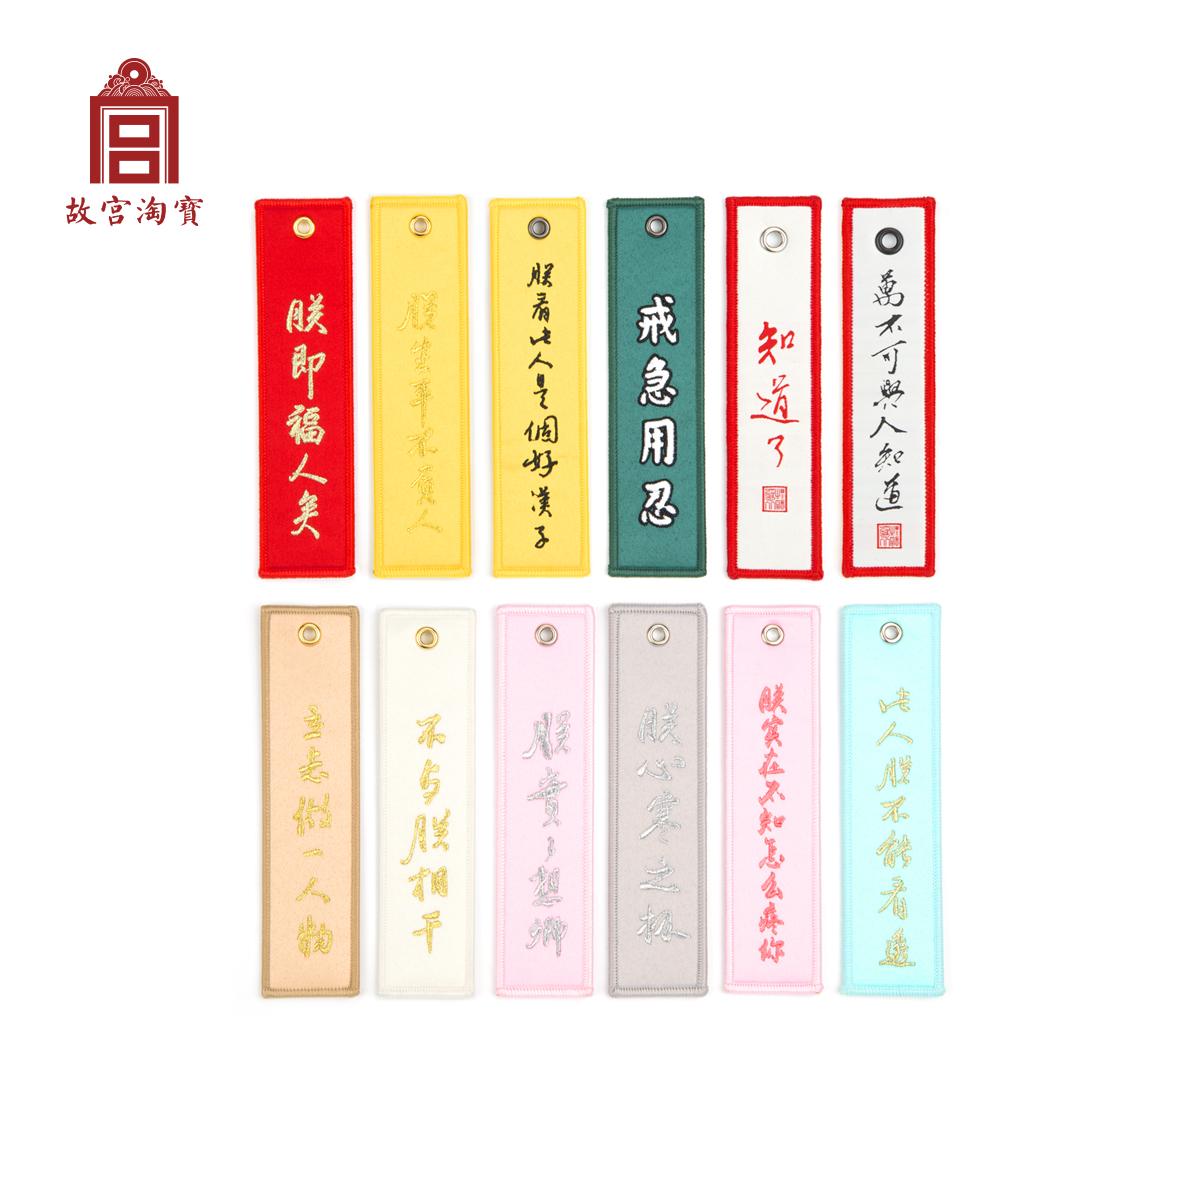 【 поэтому дворец taobao 】 супер дикий из имперский партия серия вышивка брелок / брелок поэтому дворец годовщина статья